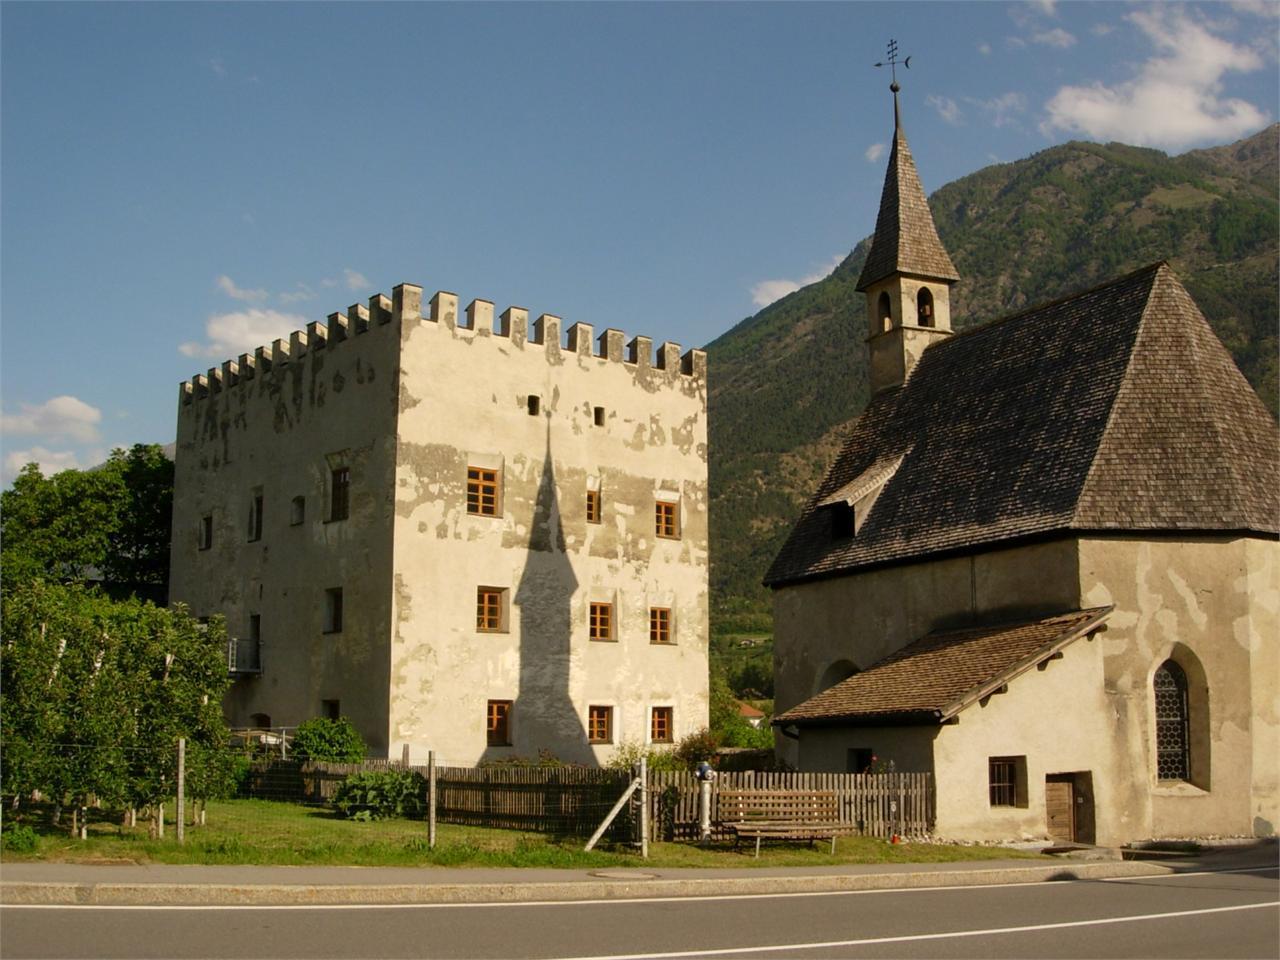 Residenza Mairhof in Schanzen